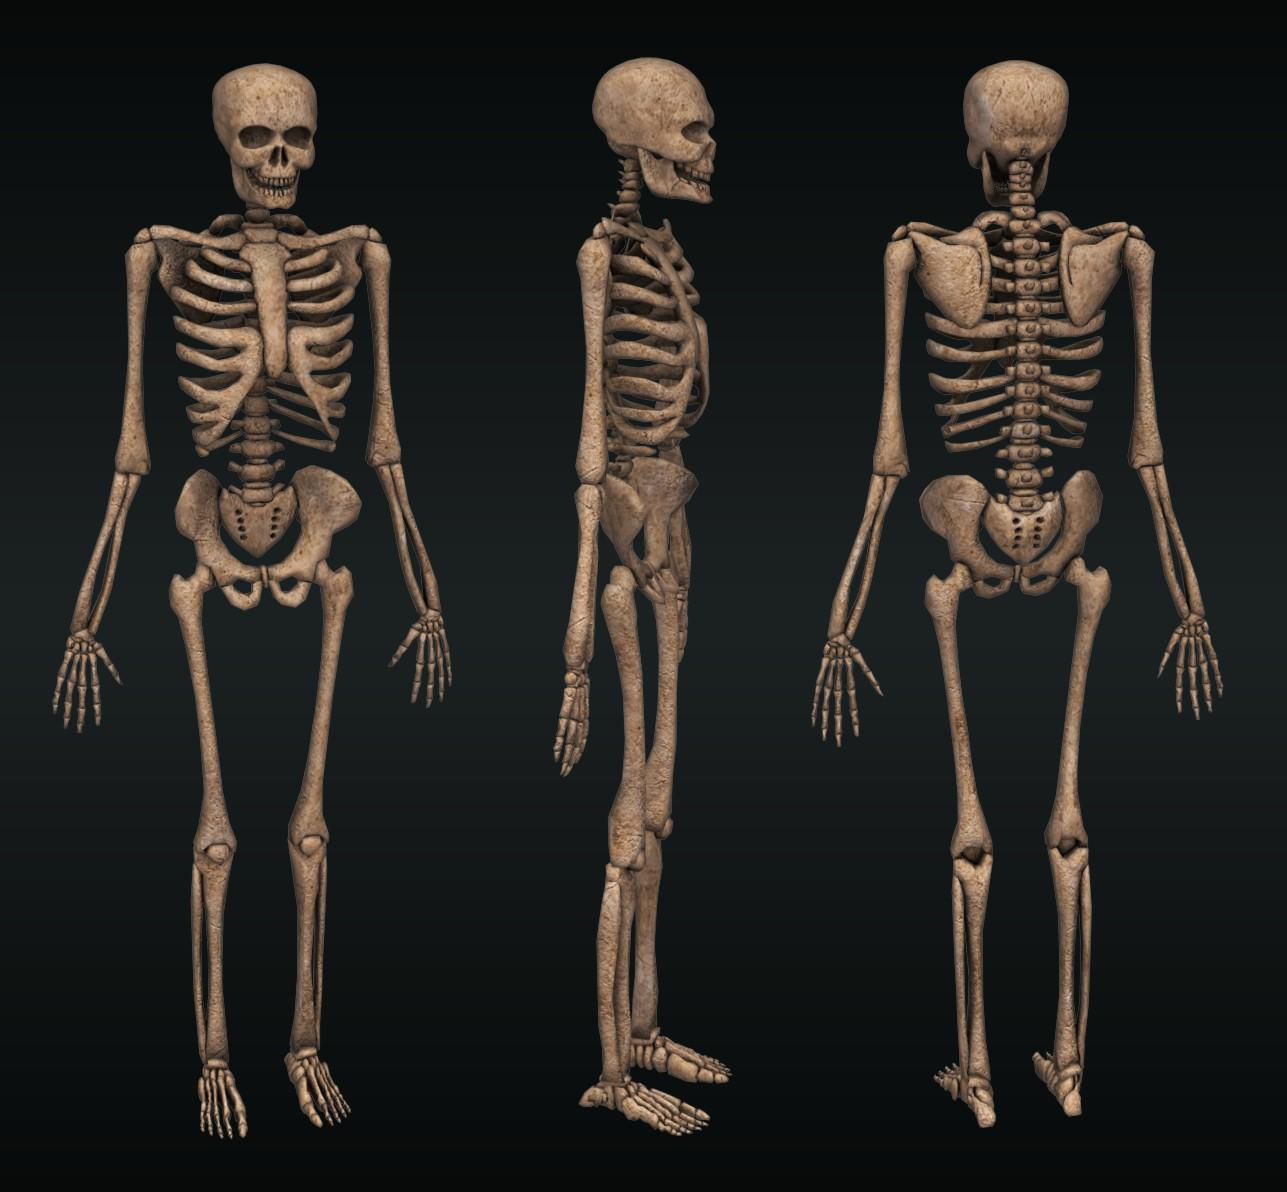 3D skeleton by toneloperu on DeviantArt